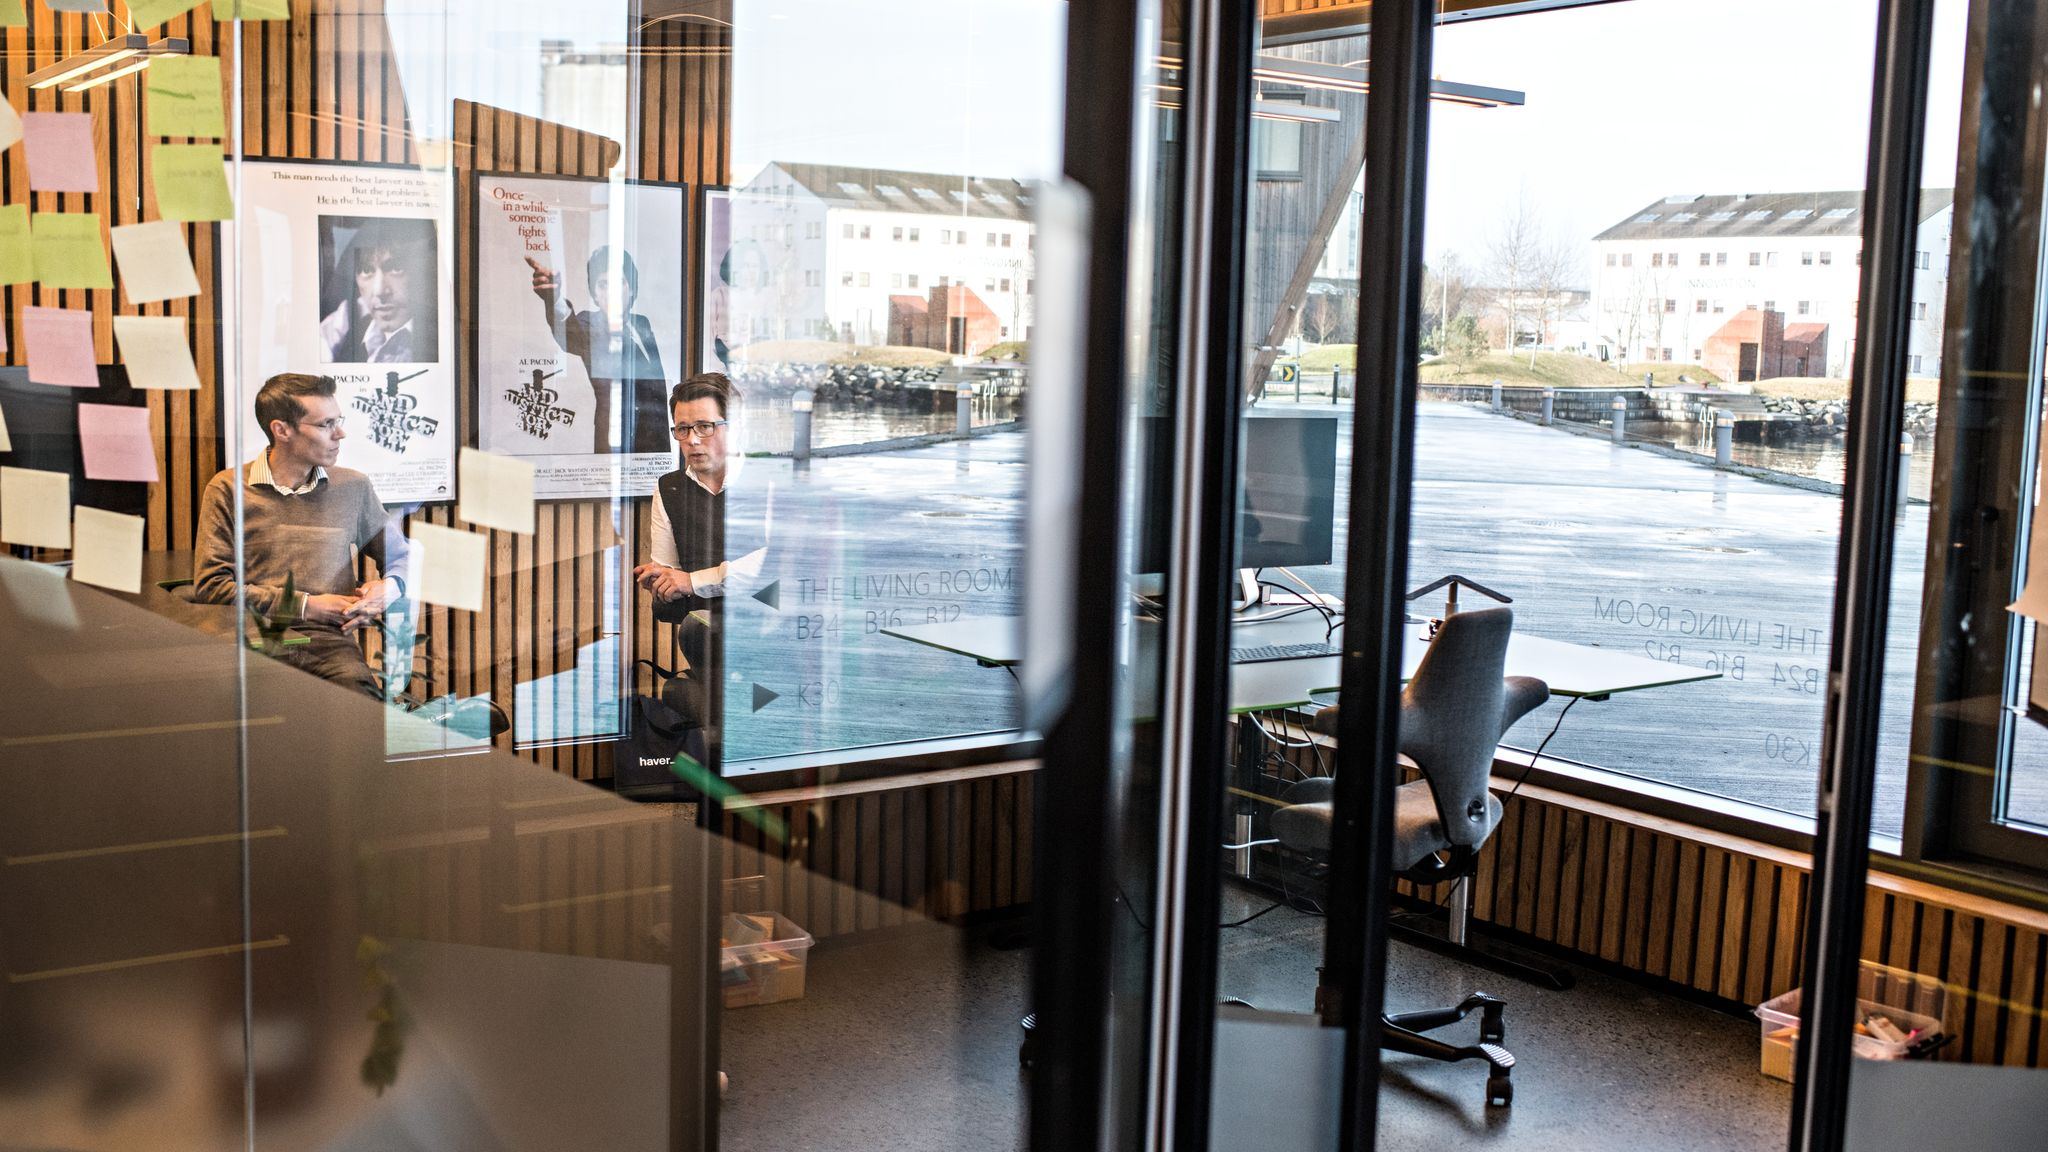 I et lite kontor hos Innovation Dock i Stavanger utvikler Dag Josef Foss, til høyre, og Sindre Mariero digitale løsninger for å gi deg advokatbistand via nettet. Foto: Jarle Aasland